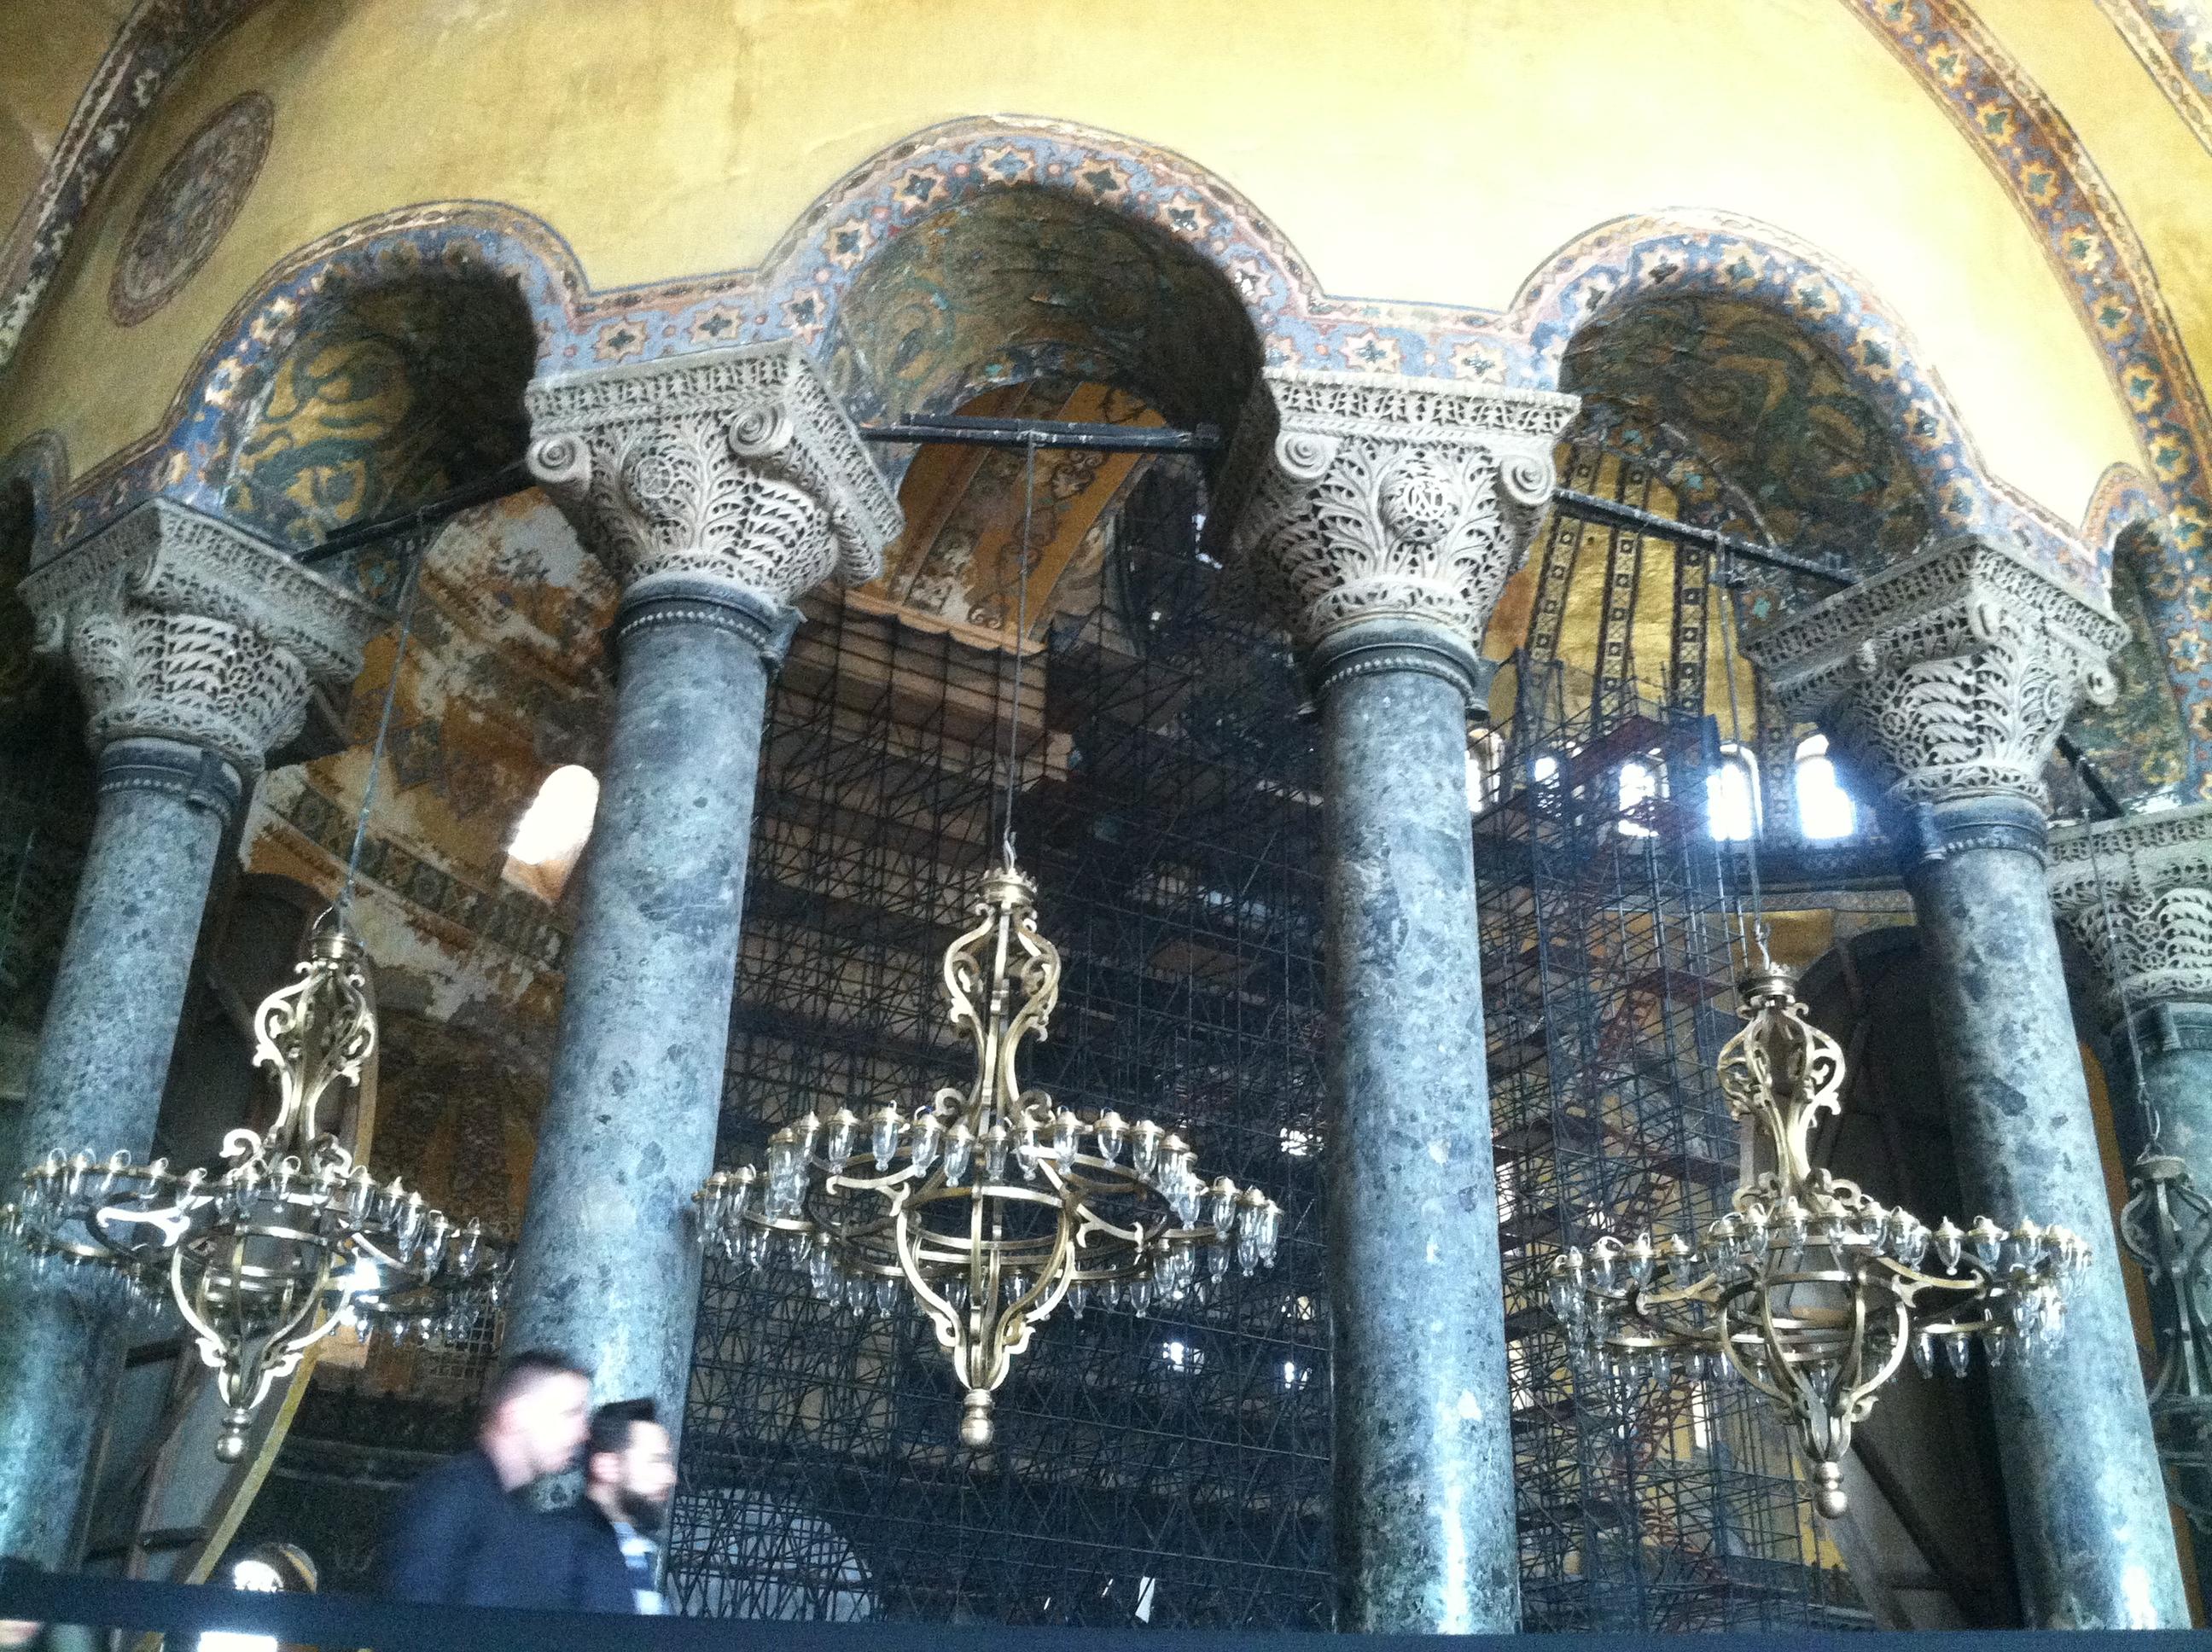 متحف آيا صوفيا hagia sophia - اسطنبول